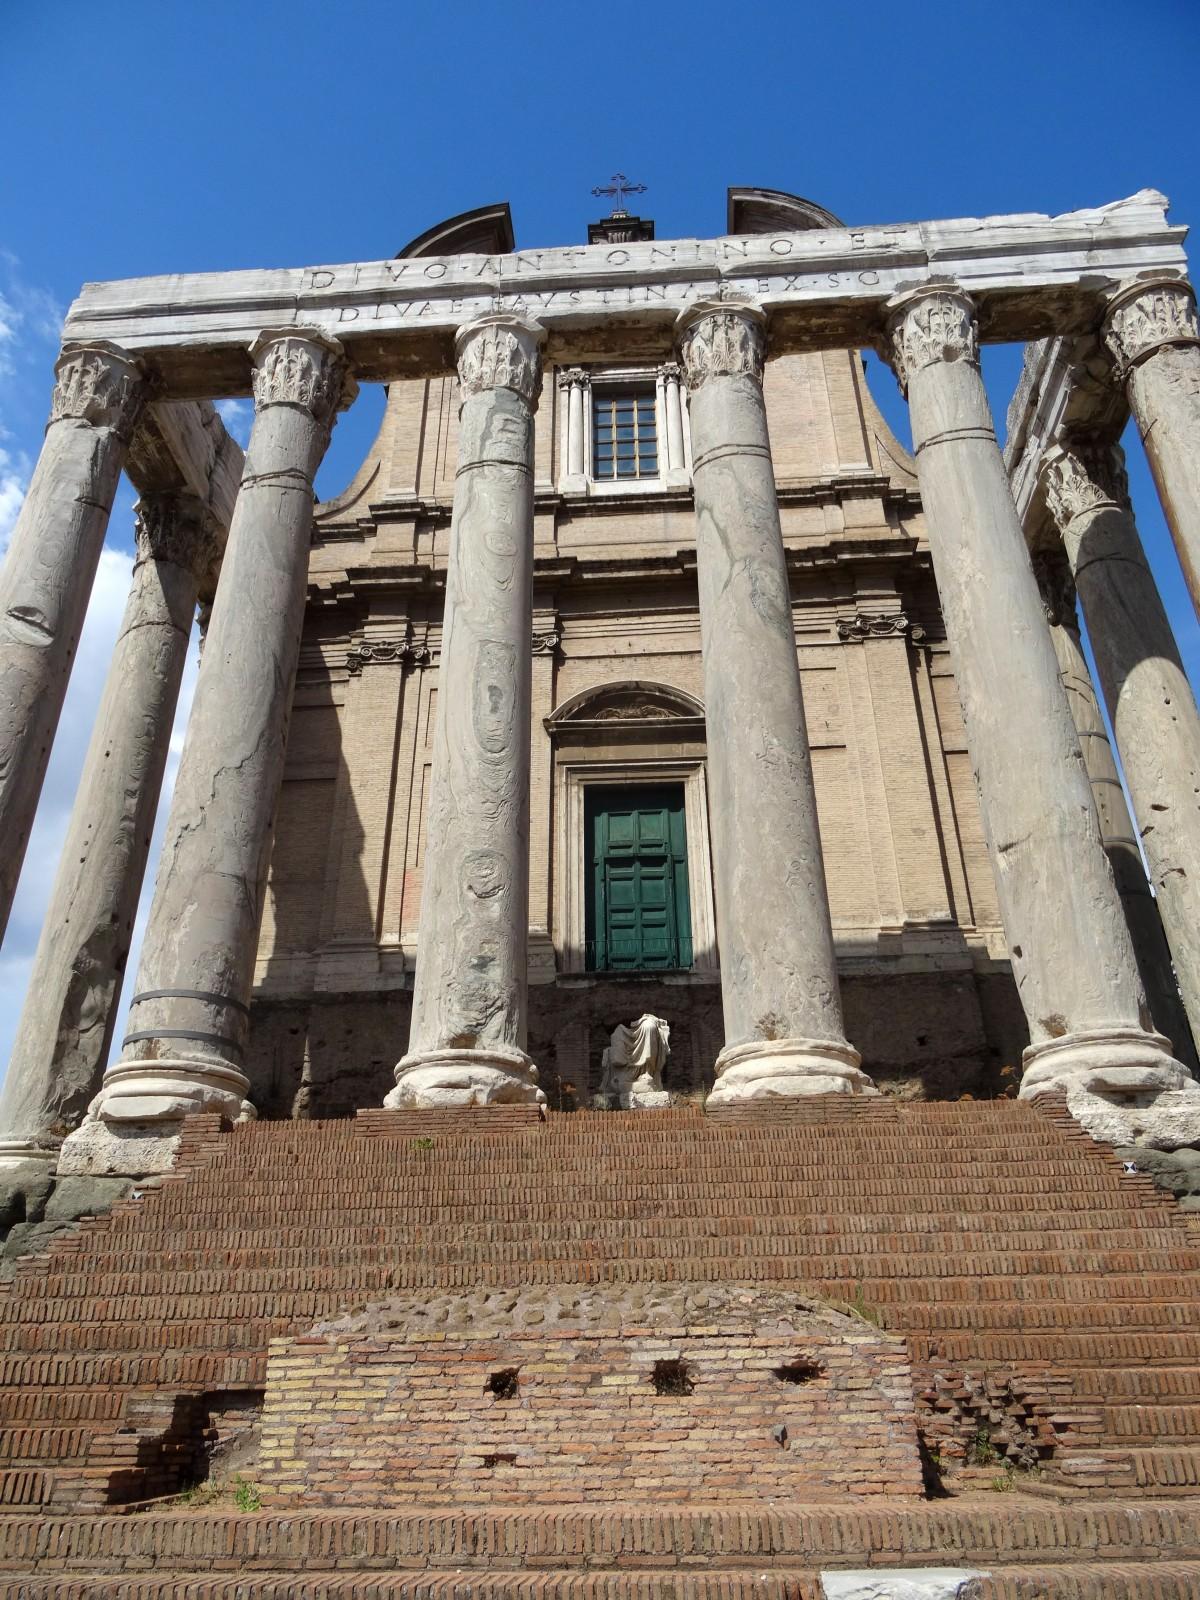 Roman Architecture Columns free images : structure, antique, building, column, tower